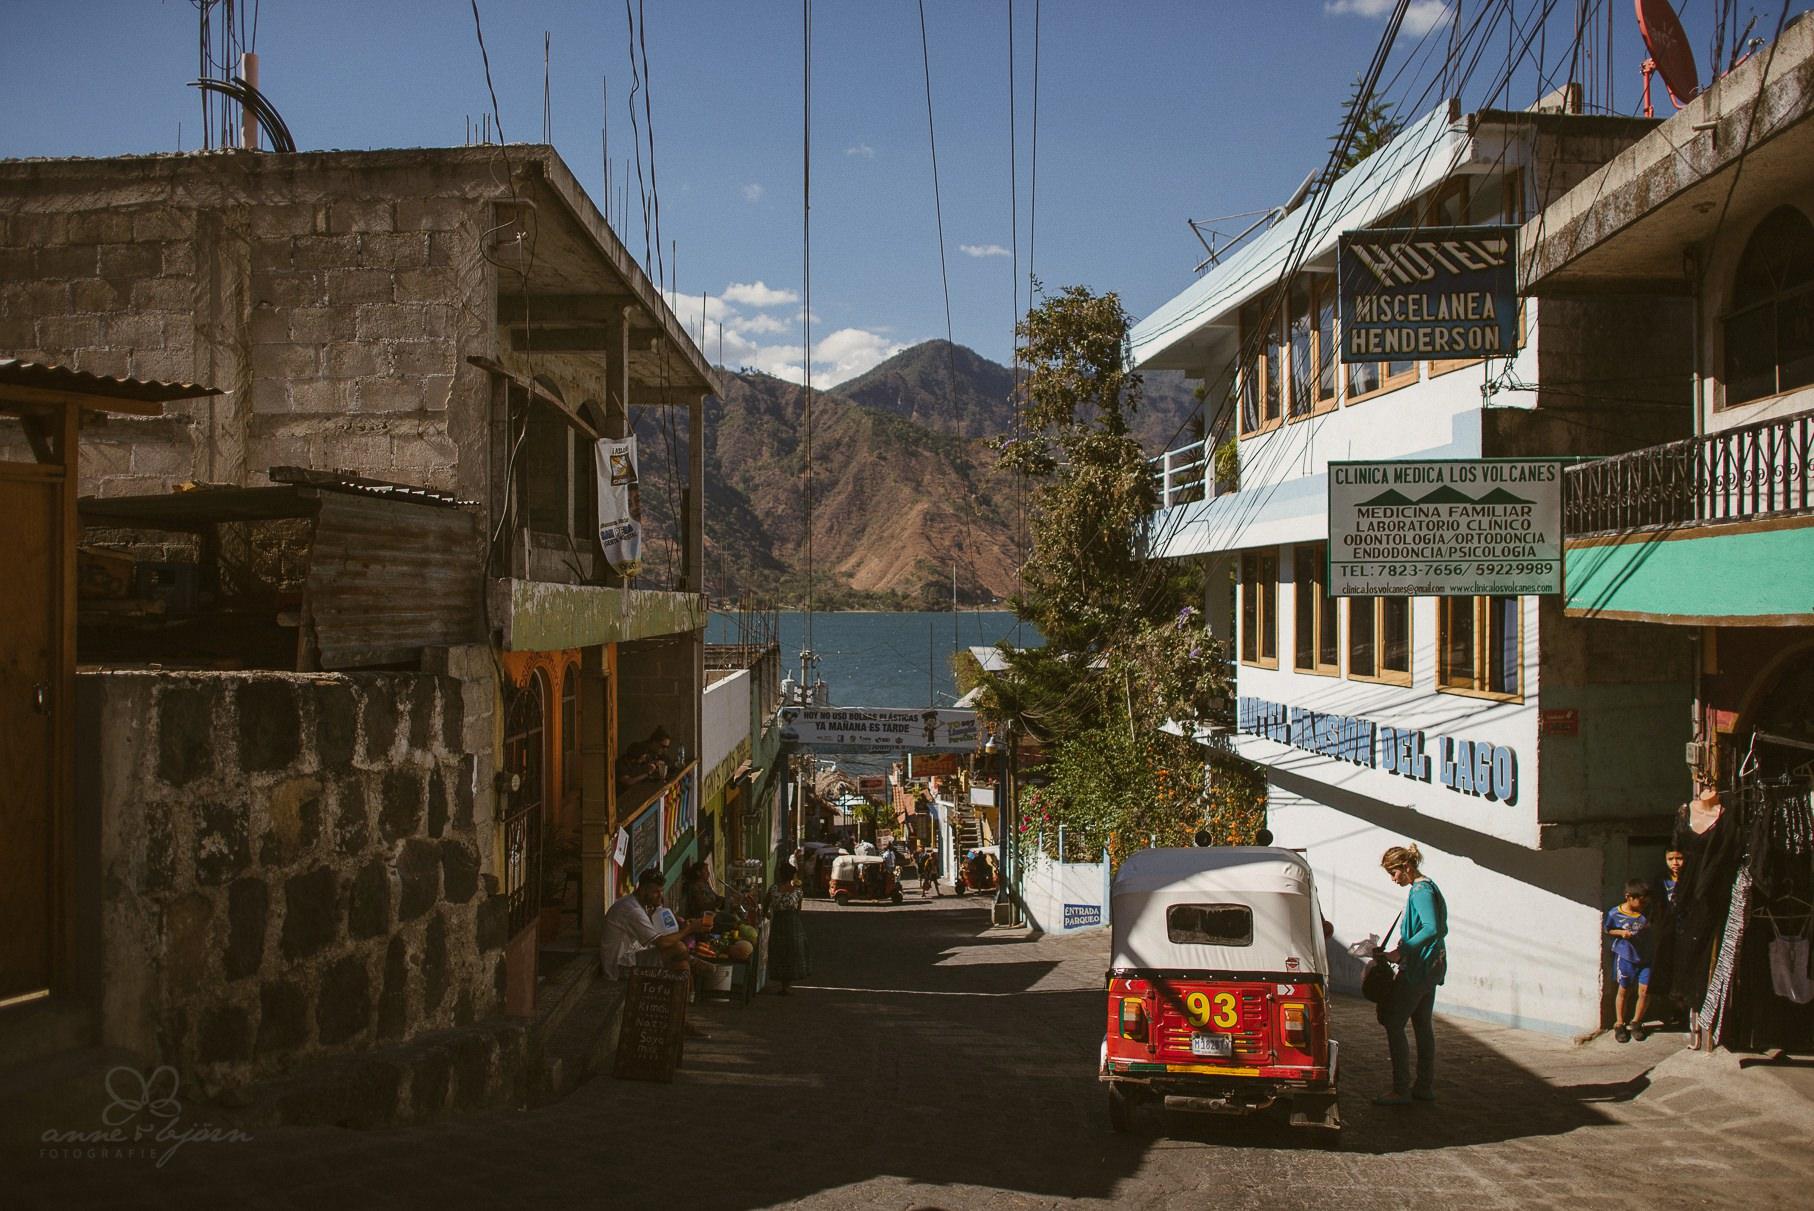 0117 anne und bjoern guatemala d75 2243 - 4 Wochen durch Guatemala - backpacking durch Mittelamerika